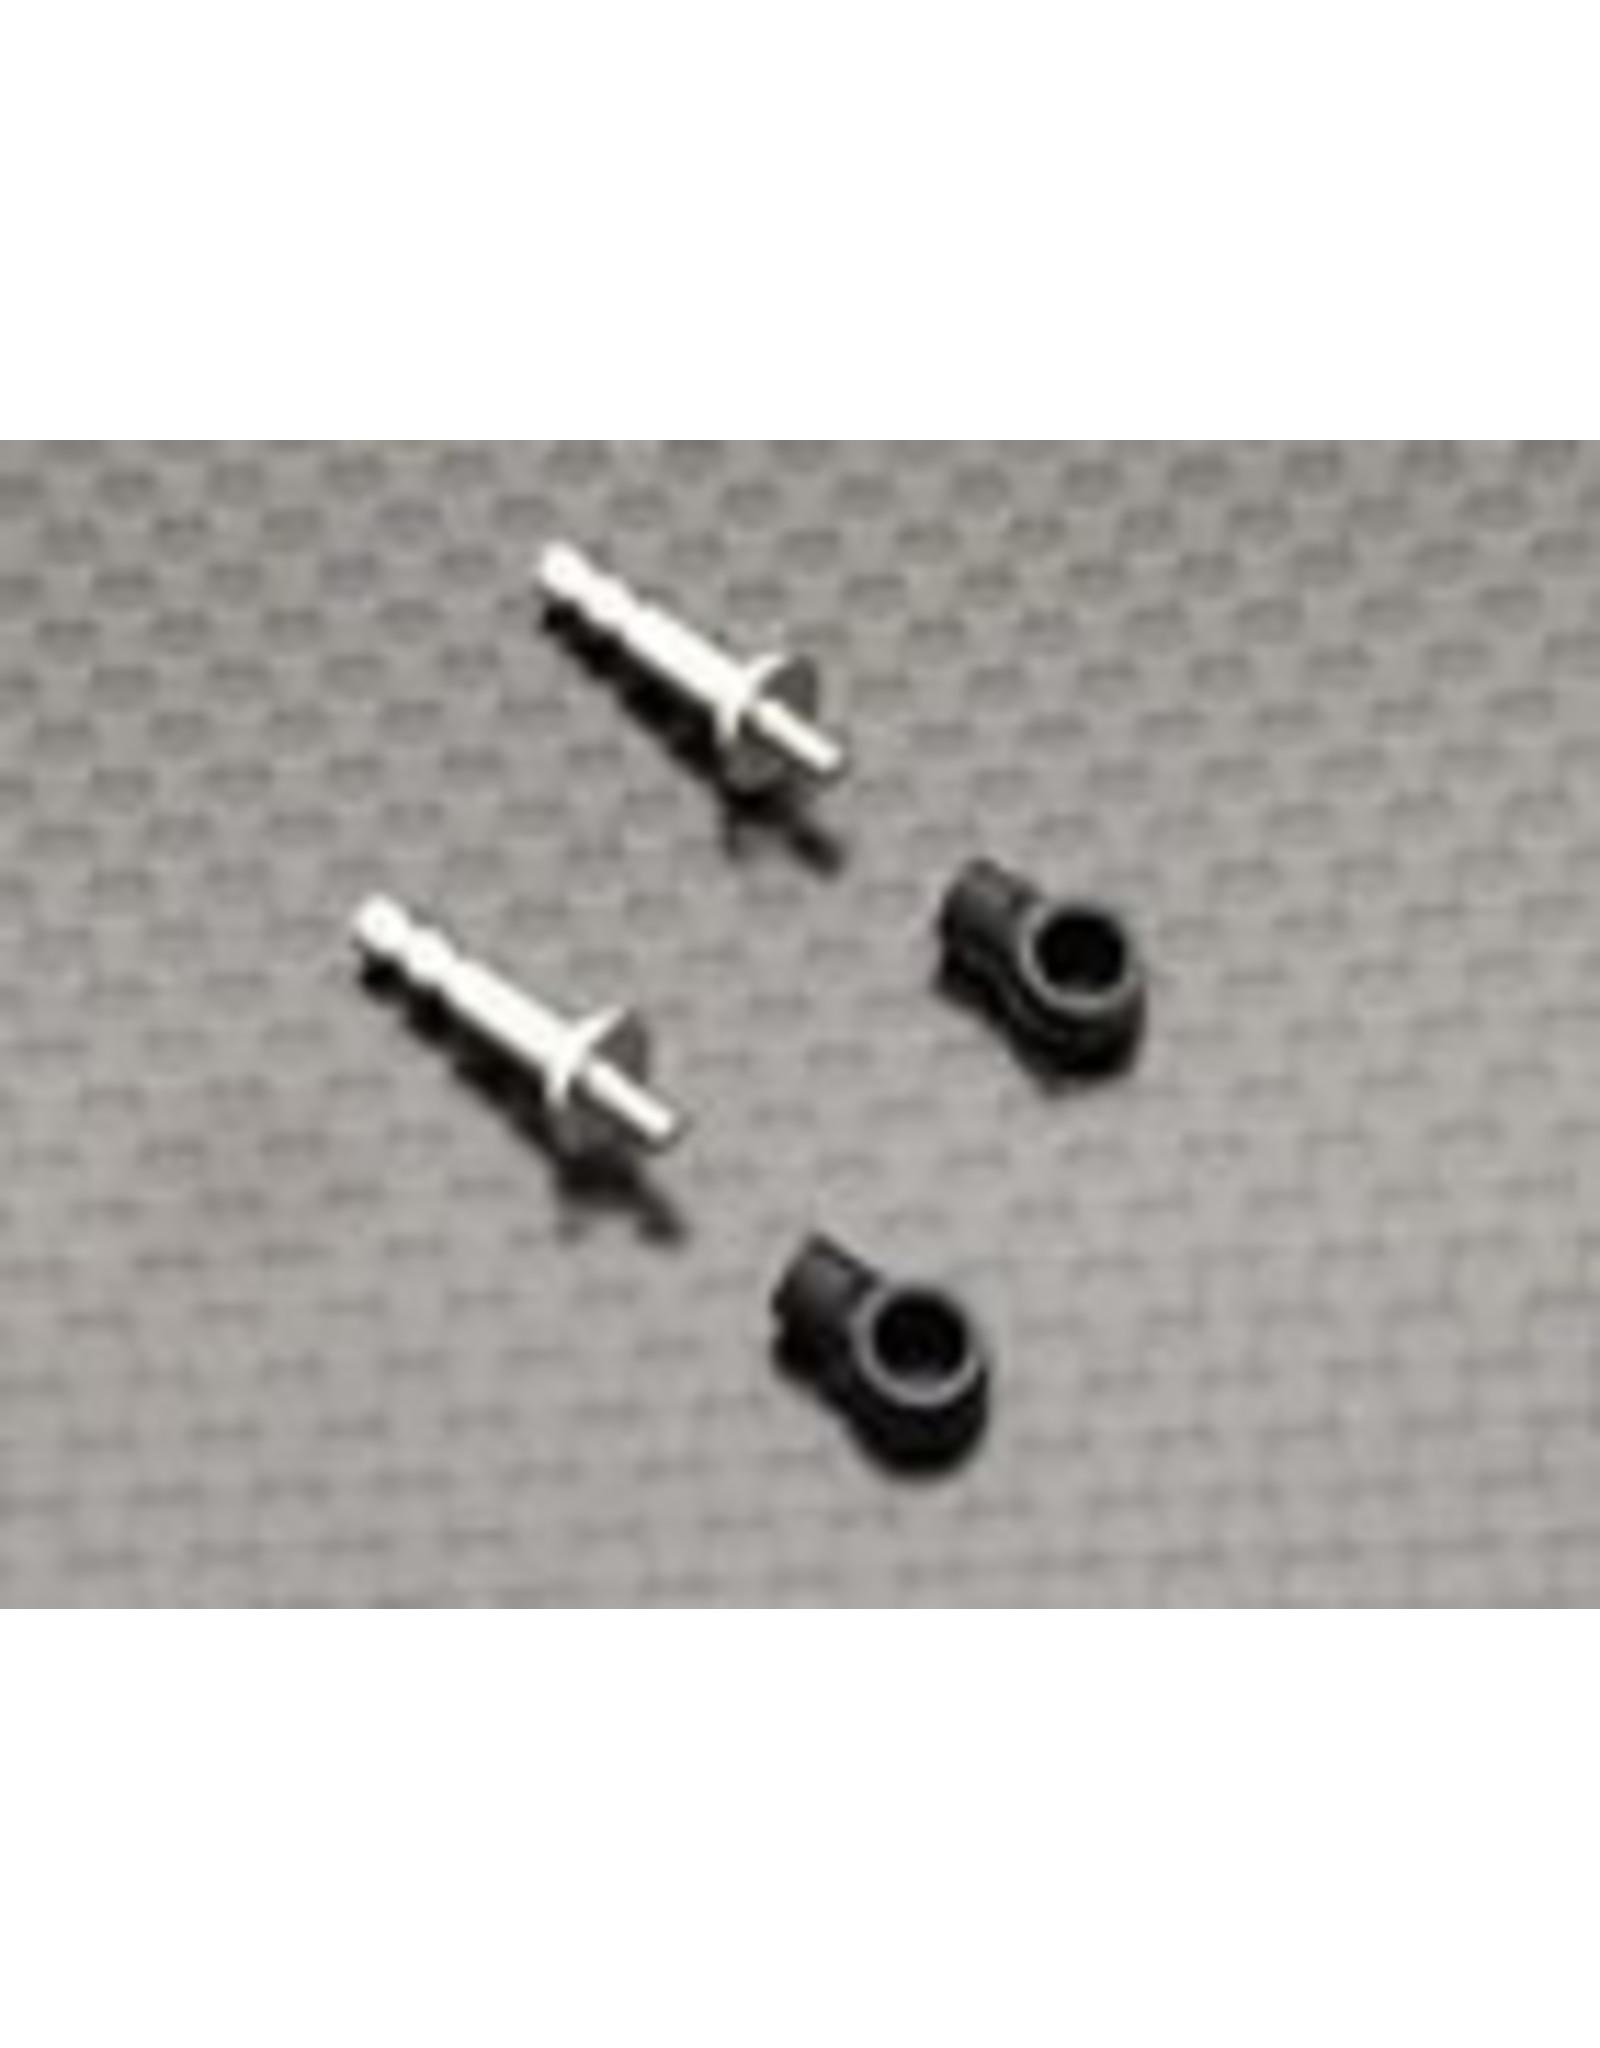 GL Racing GLR Metal Piston Rod For Side Dampers (GLR-18-6174)